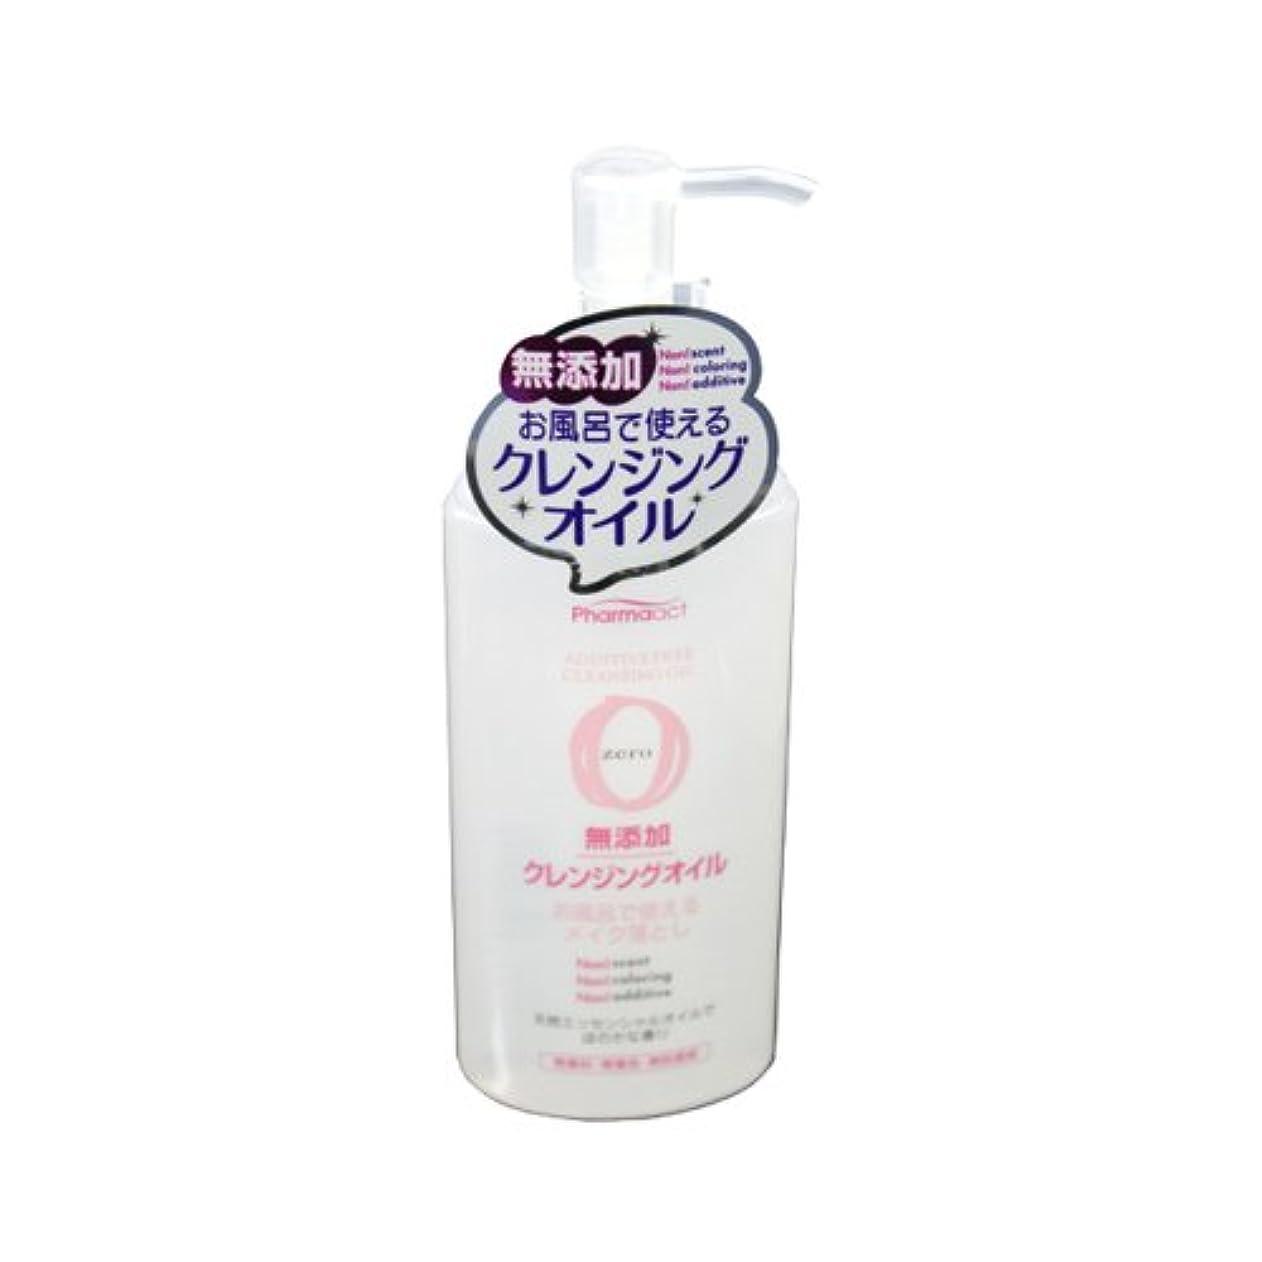 シェフクラブ別れる熊野油脂 ファーマアクト 無添加クレンジングオイル 165ml